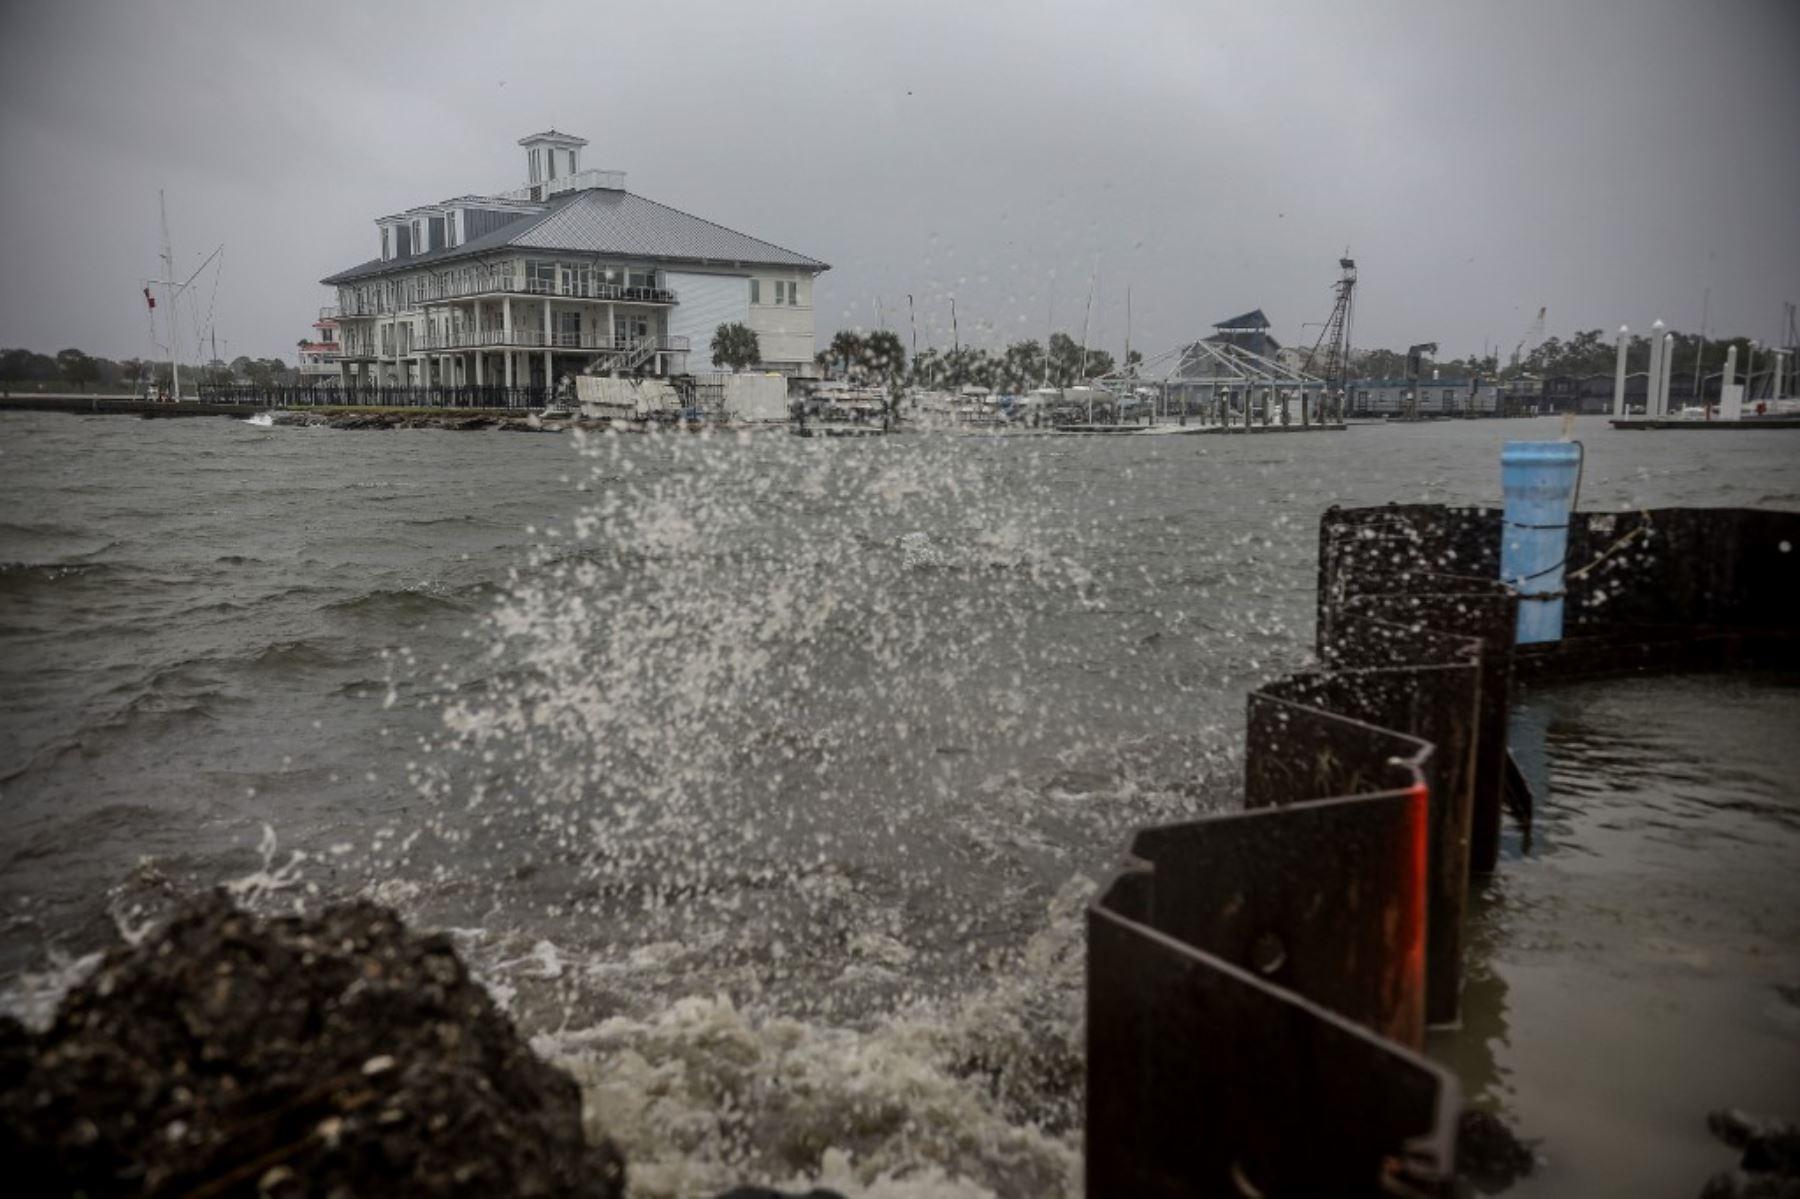 La marejada ciclónica golpea las orillas del lago Pontchartrain cuando el huracán Zeta toca tierra, en Nueva Orleans, Luisiana.Foto:AFP